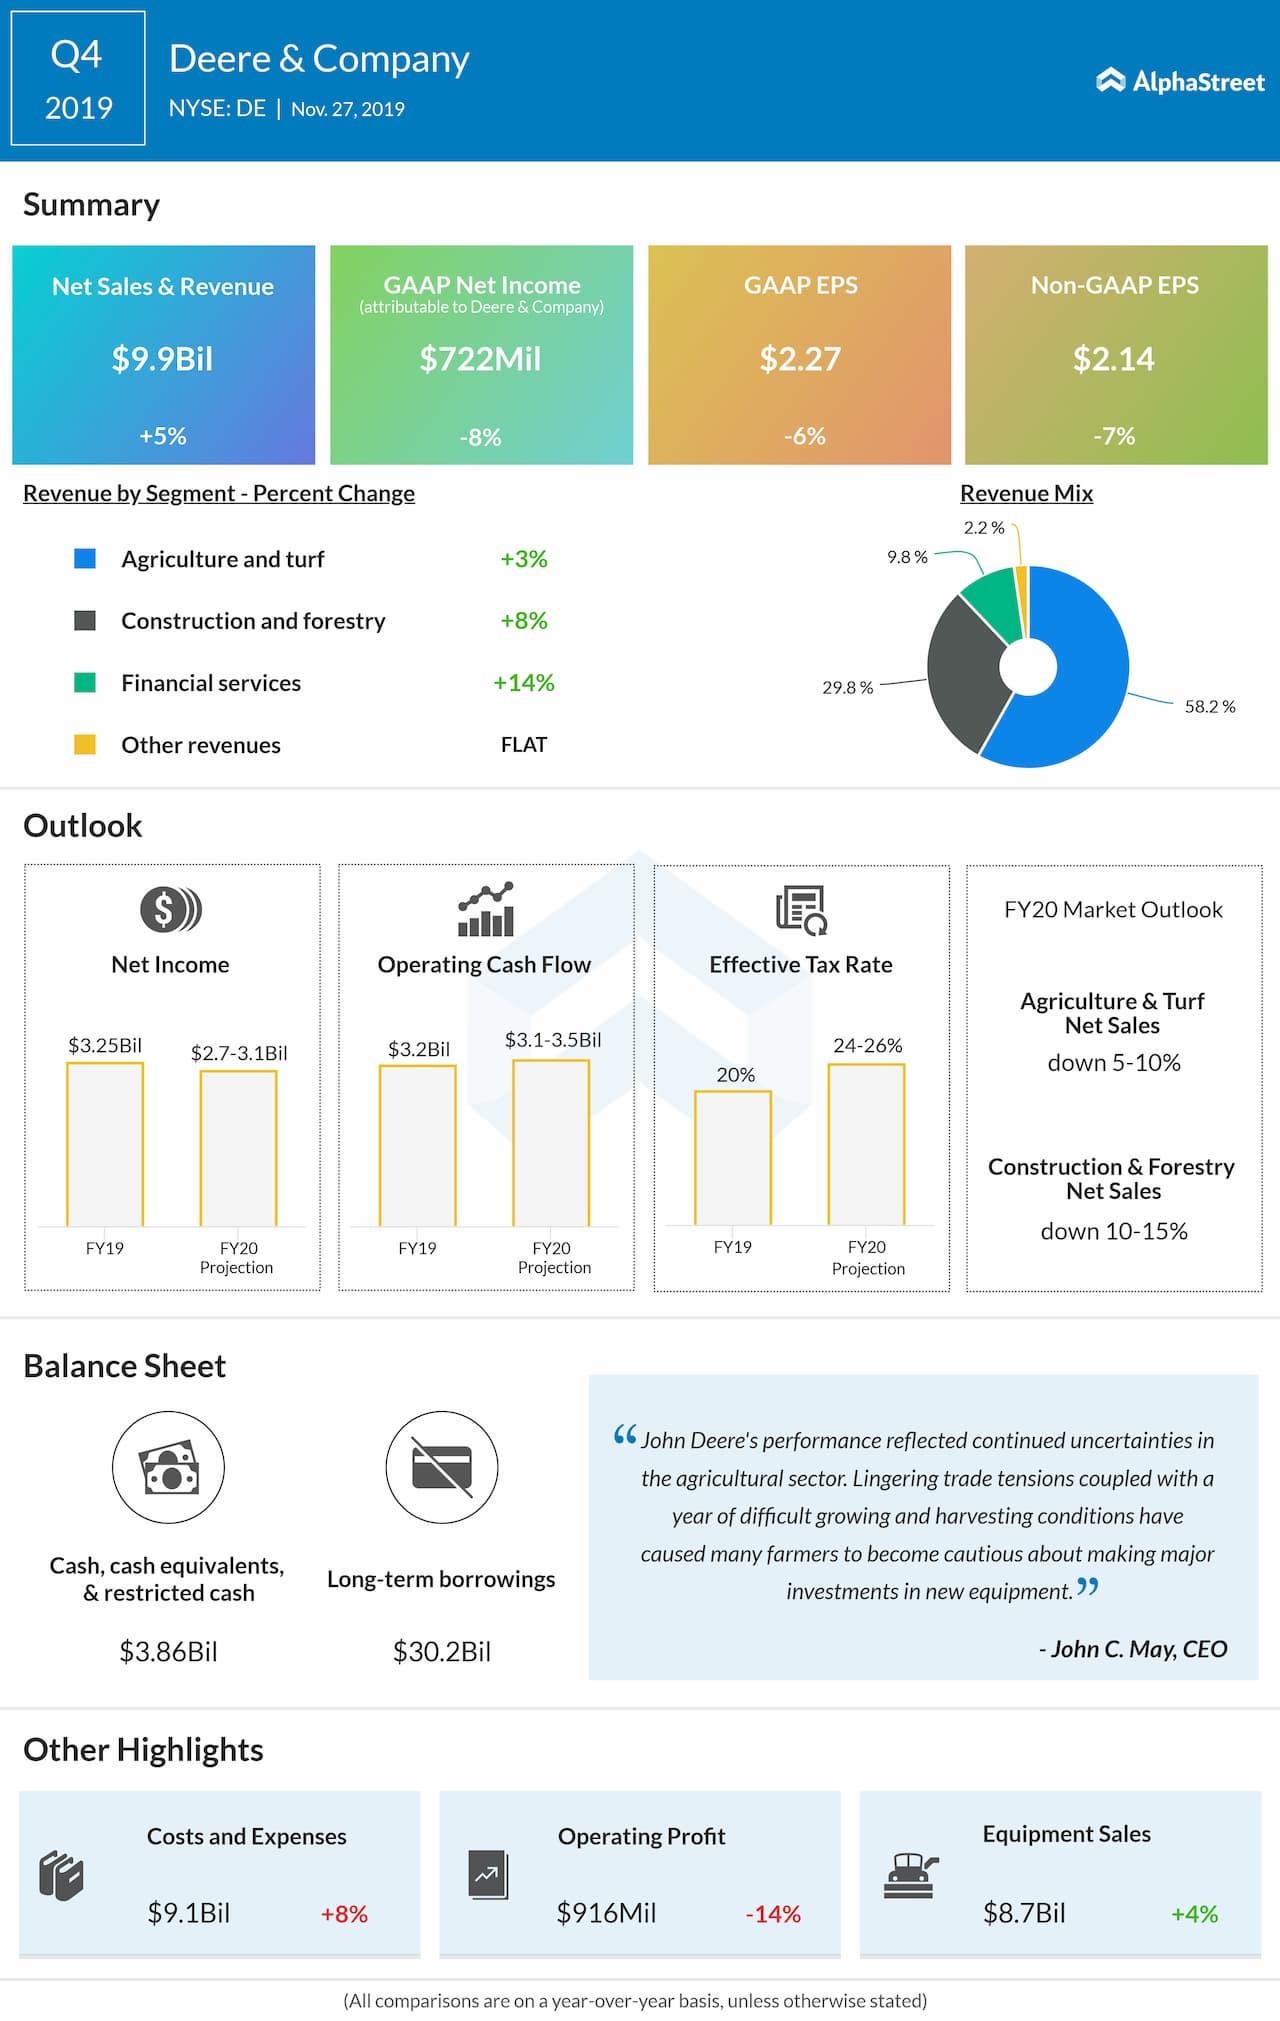 Deere (DE) Q4 2019 Earnings Snapshot